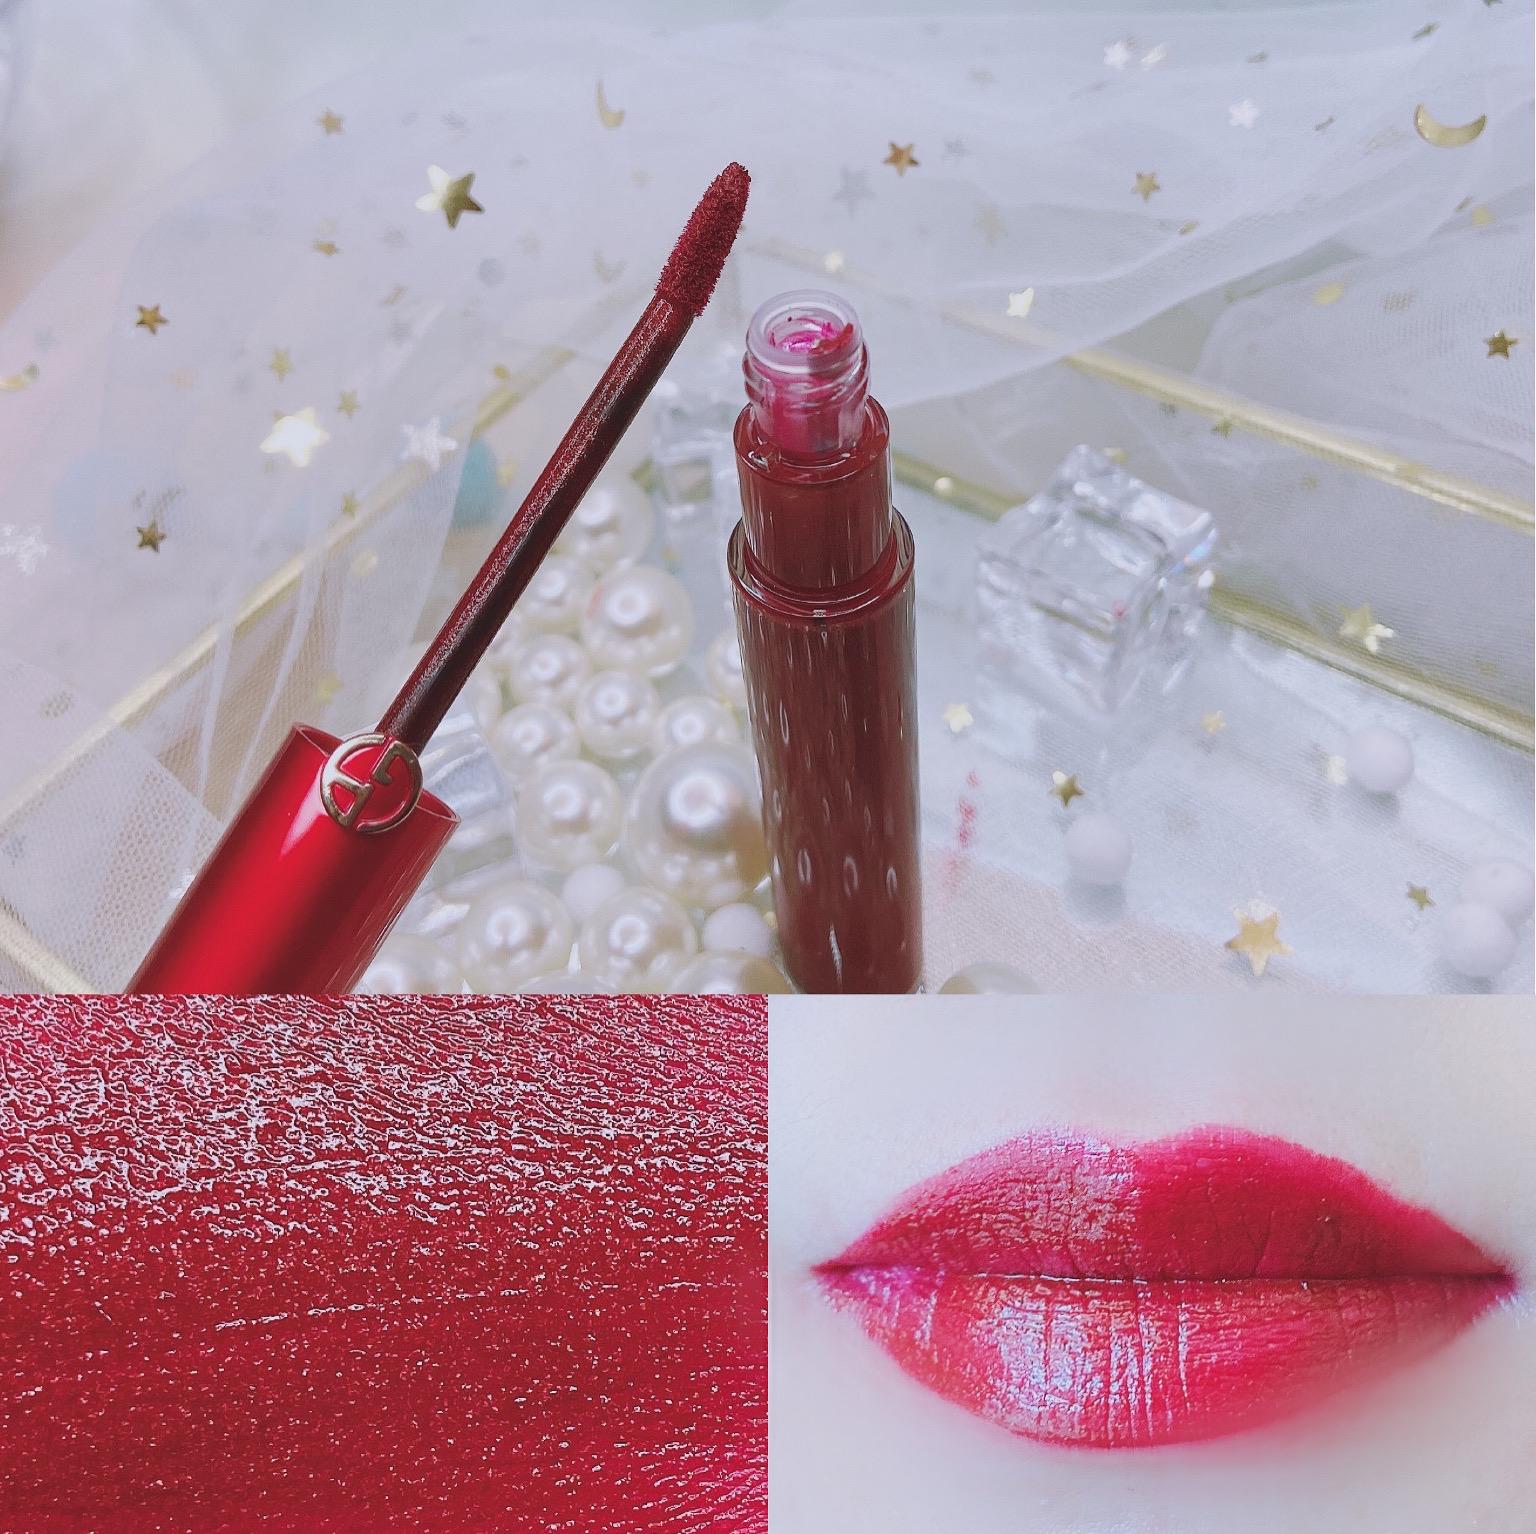 新年伊始,没有什么比红唇更应景